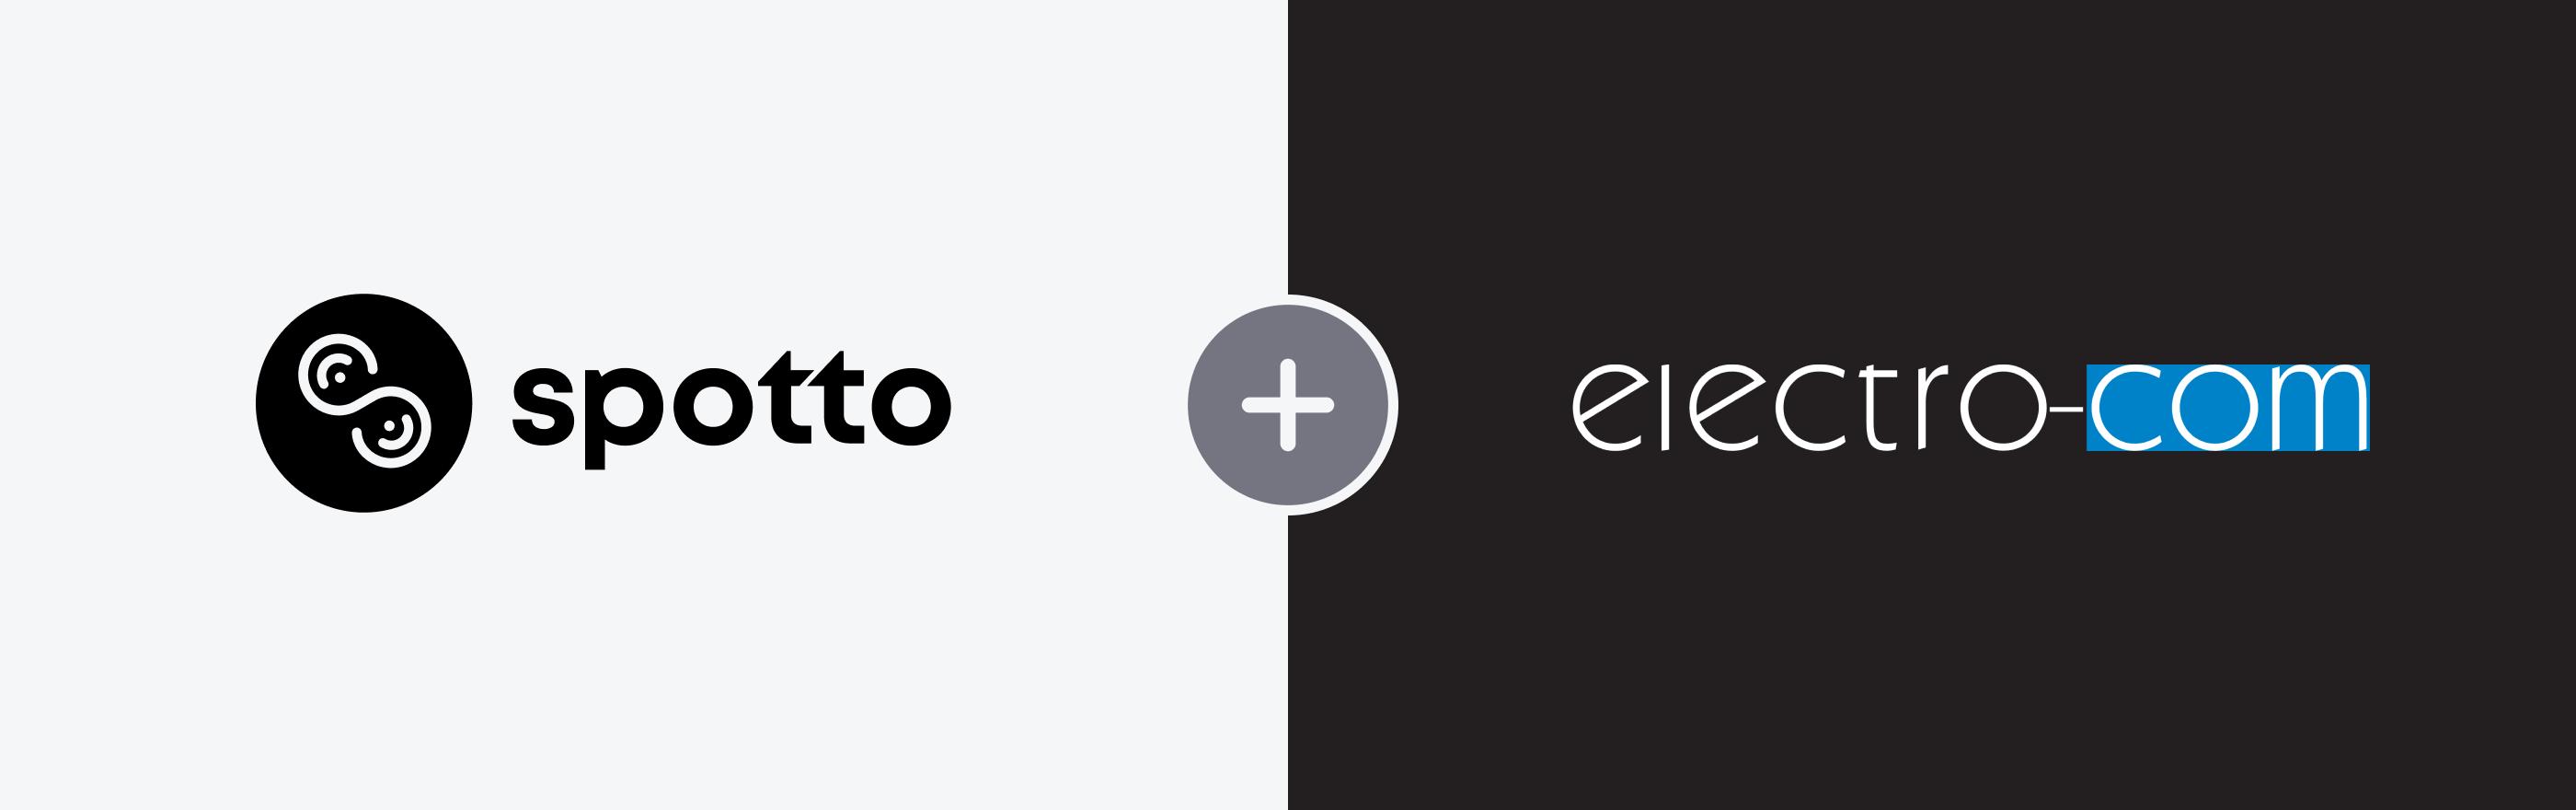 Spotto and Electro-Com logos